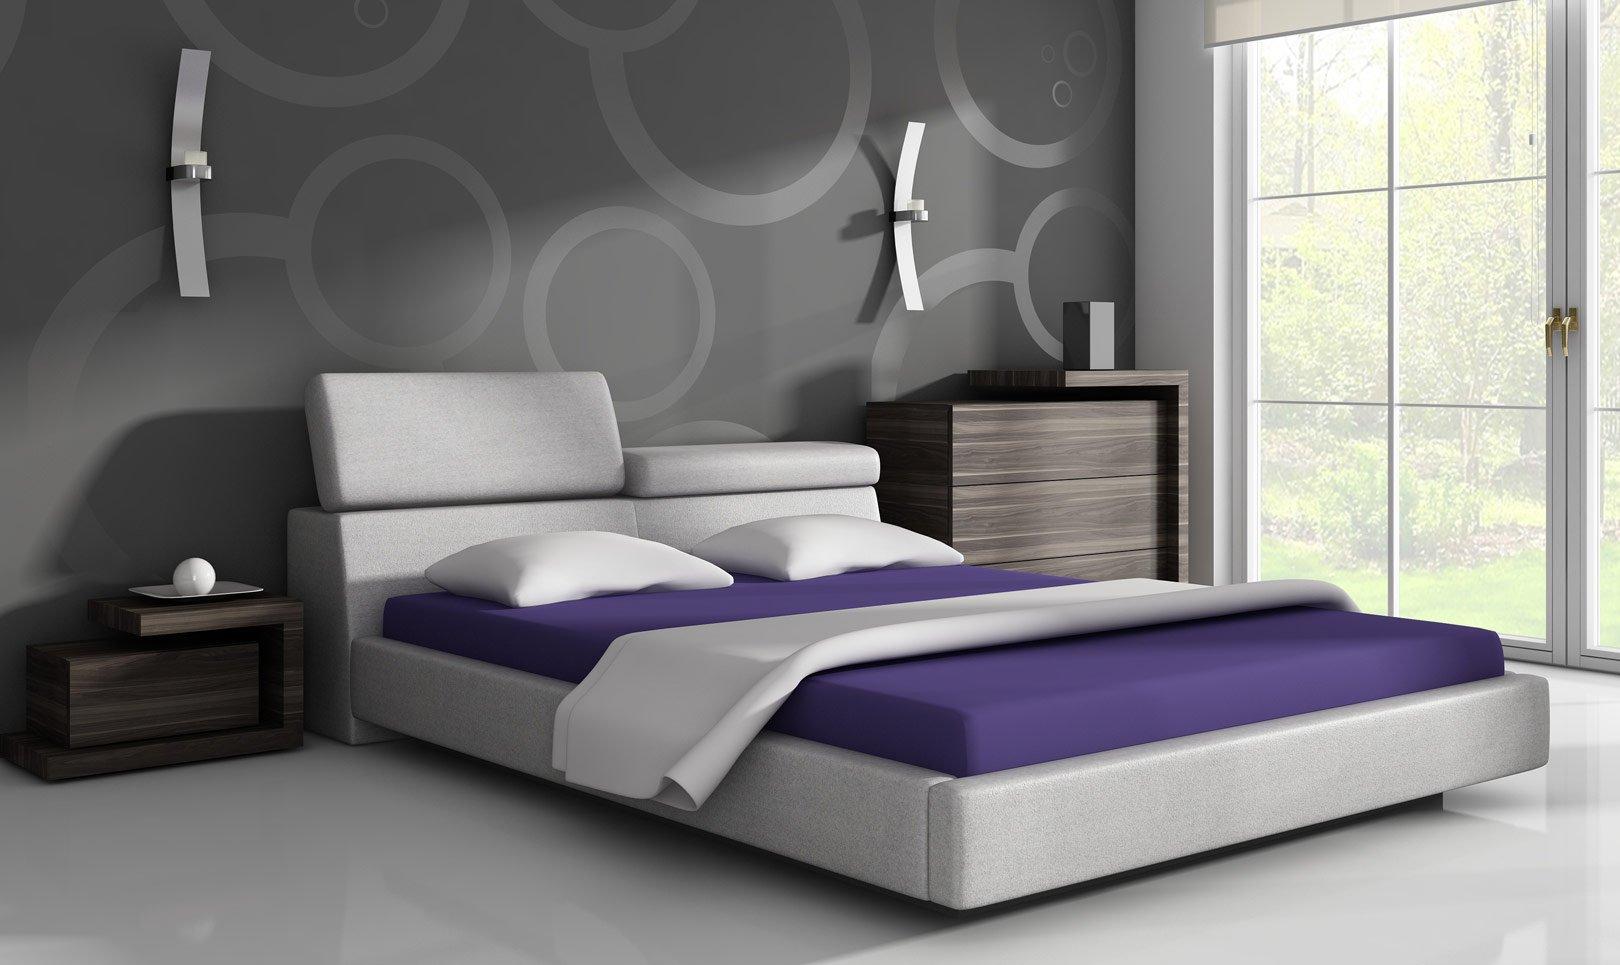 meble do sypialni elegance krak243w warszawa wroc�aw